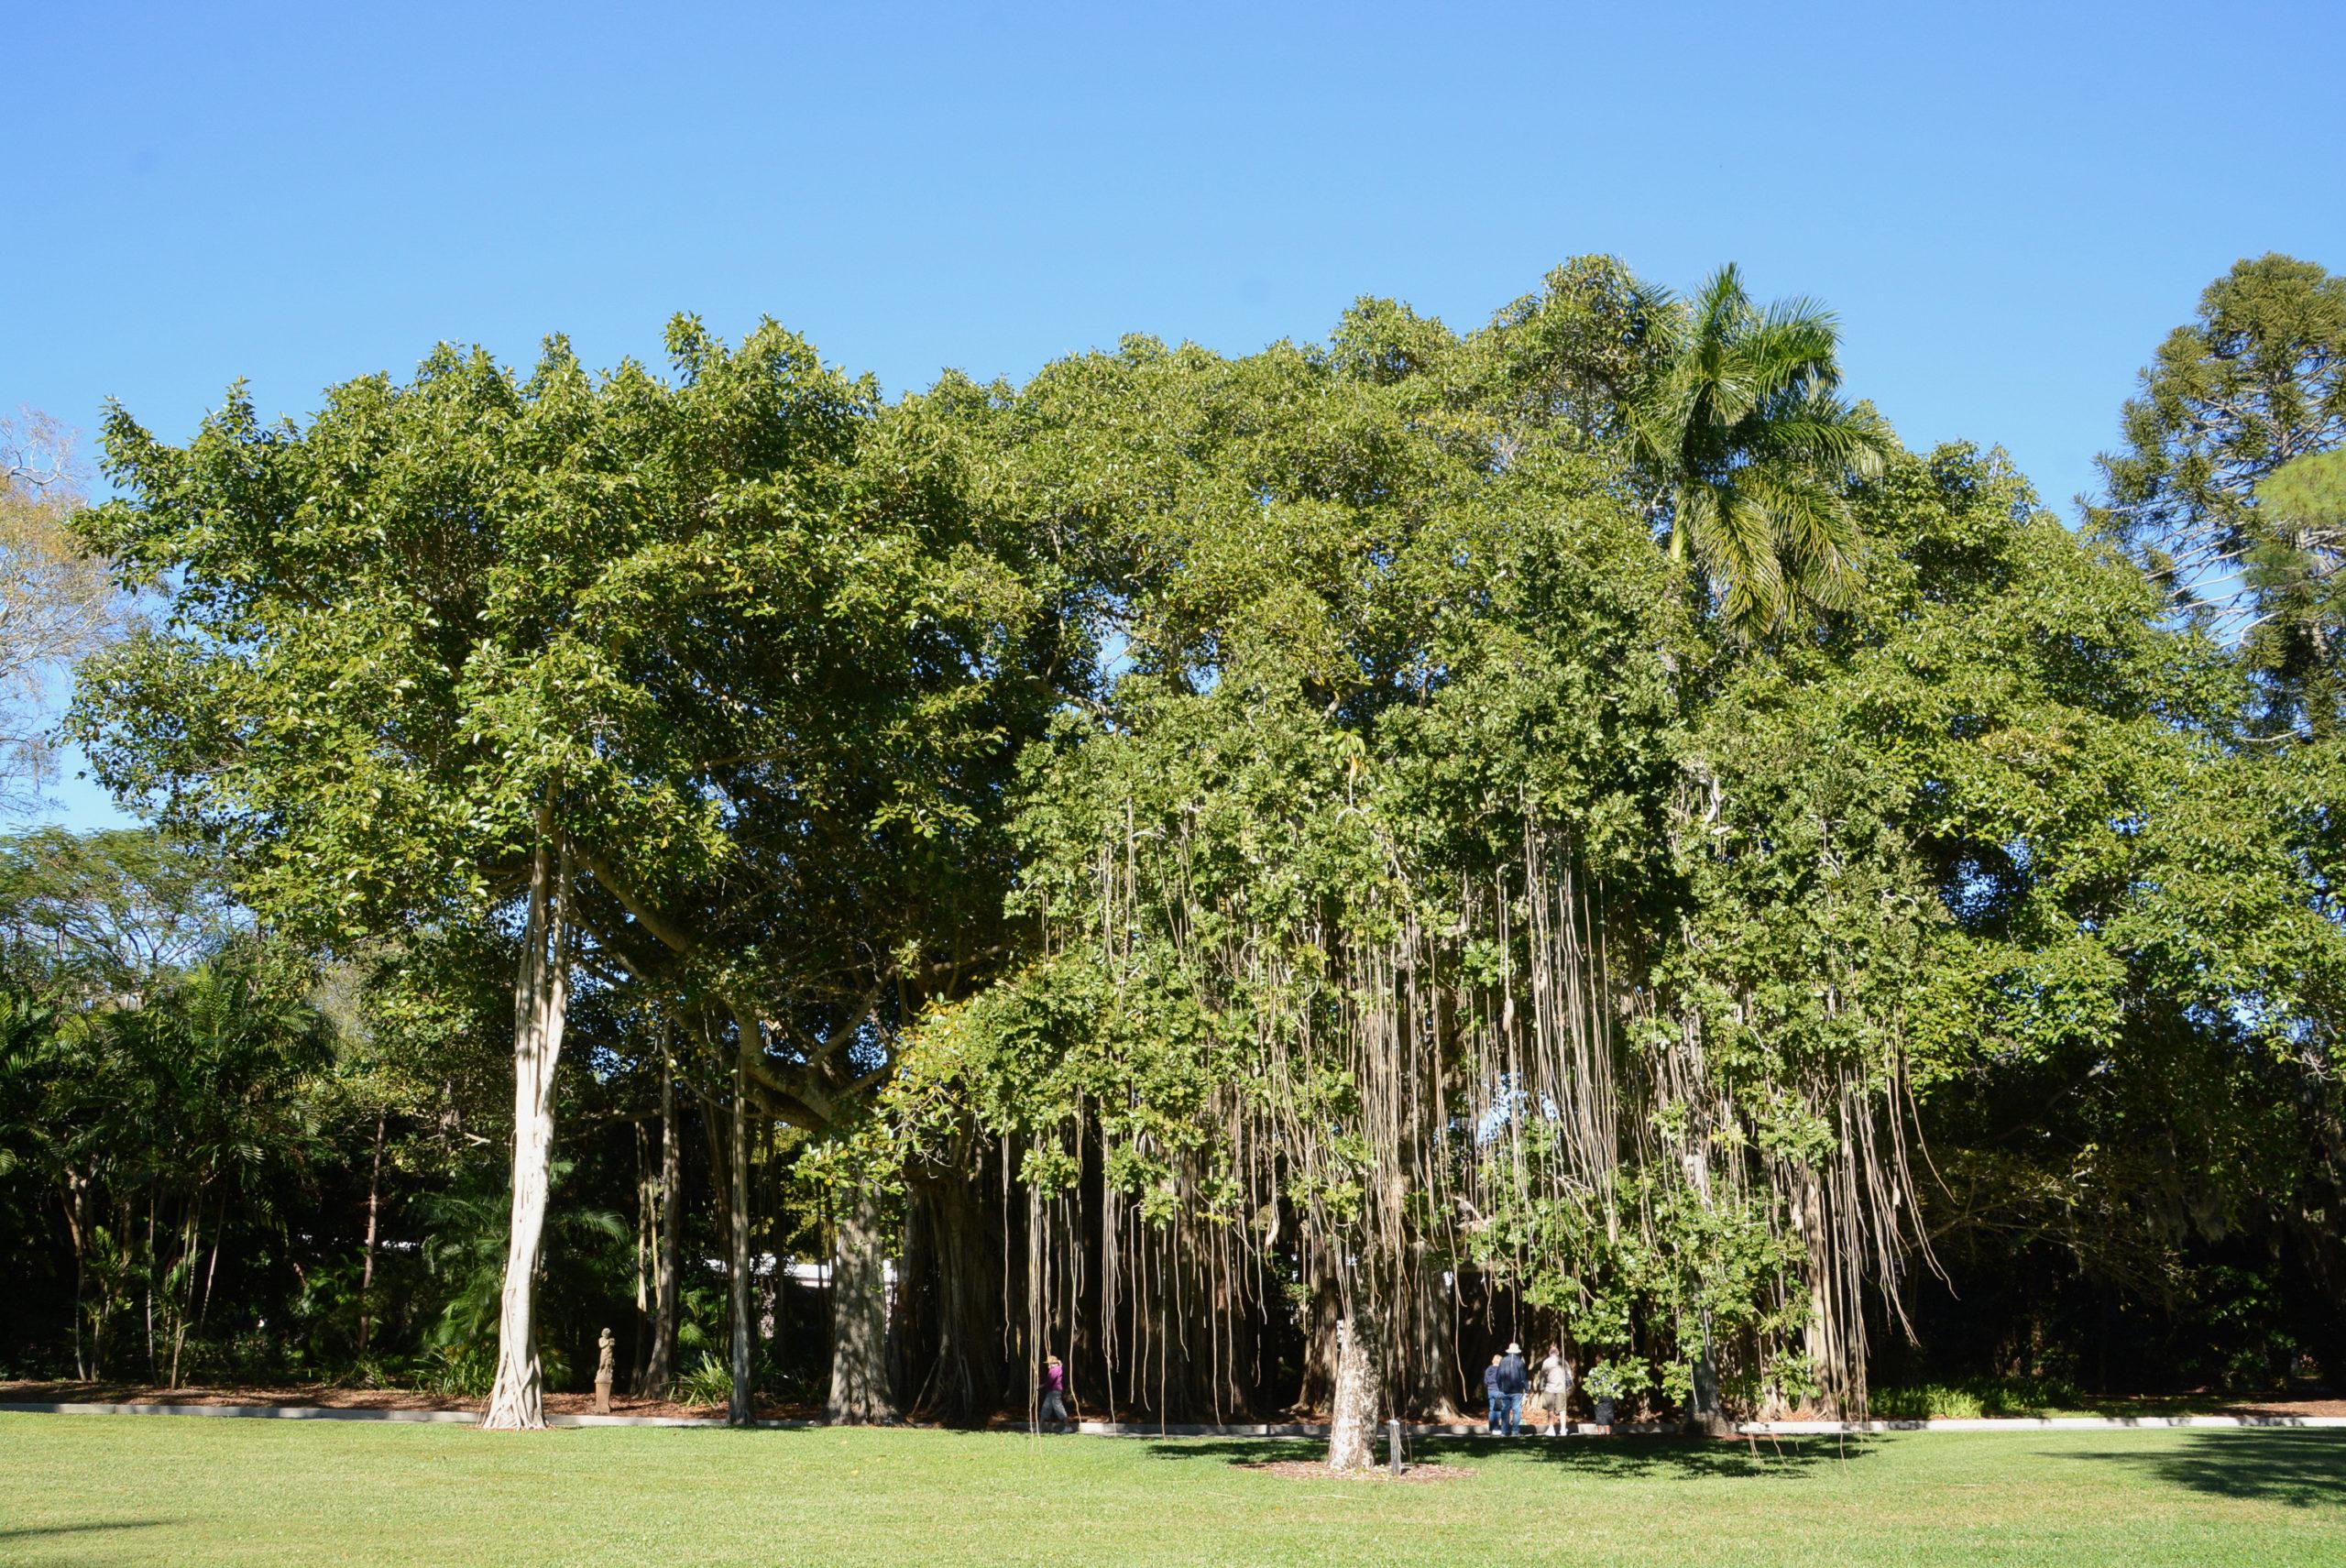 Der Park von The Ringling in Sarasota, Florad, mit prächtigen Wanderfeigen